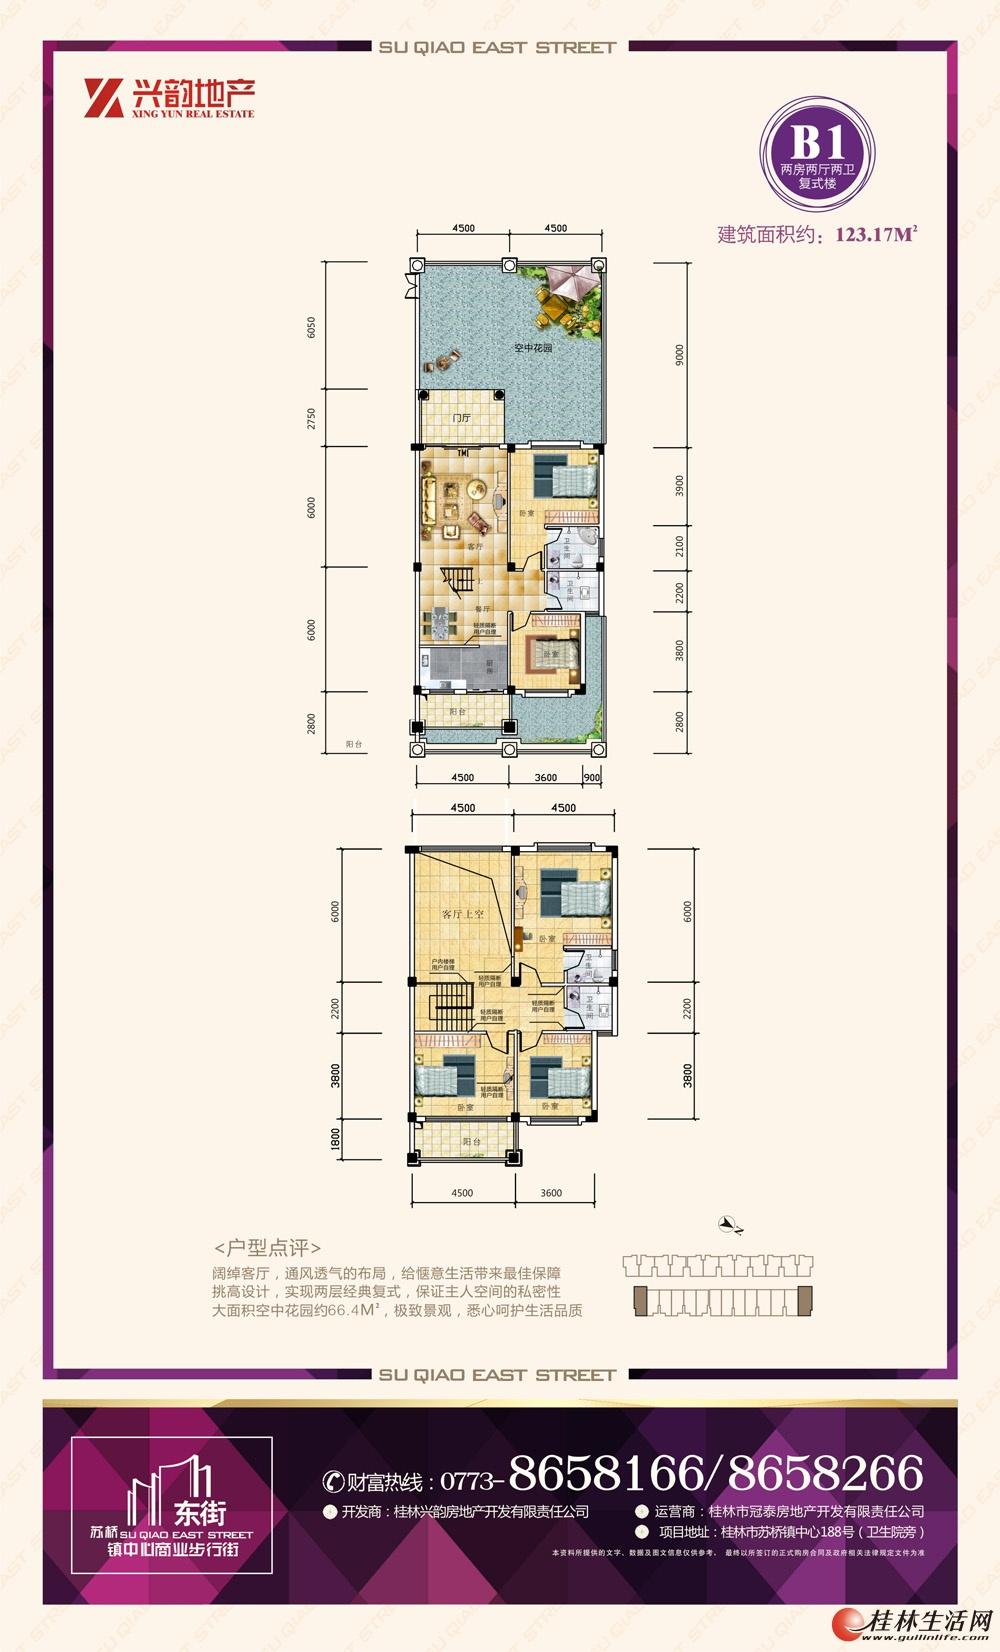 B1 两房两厅两卫复式楼 123.17㎡